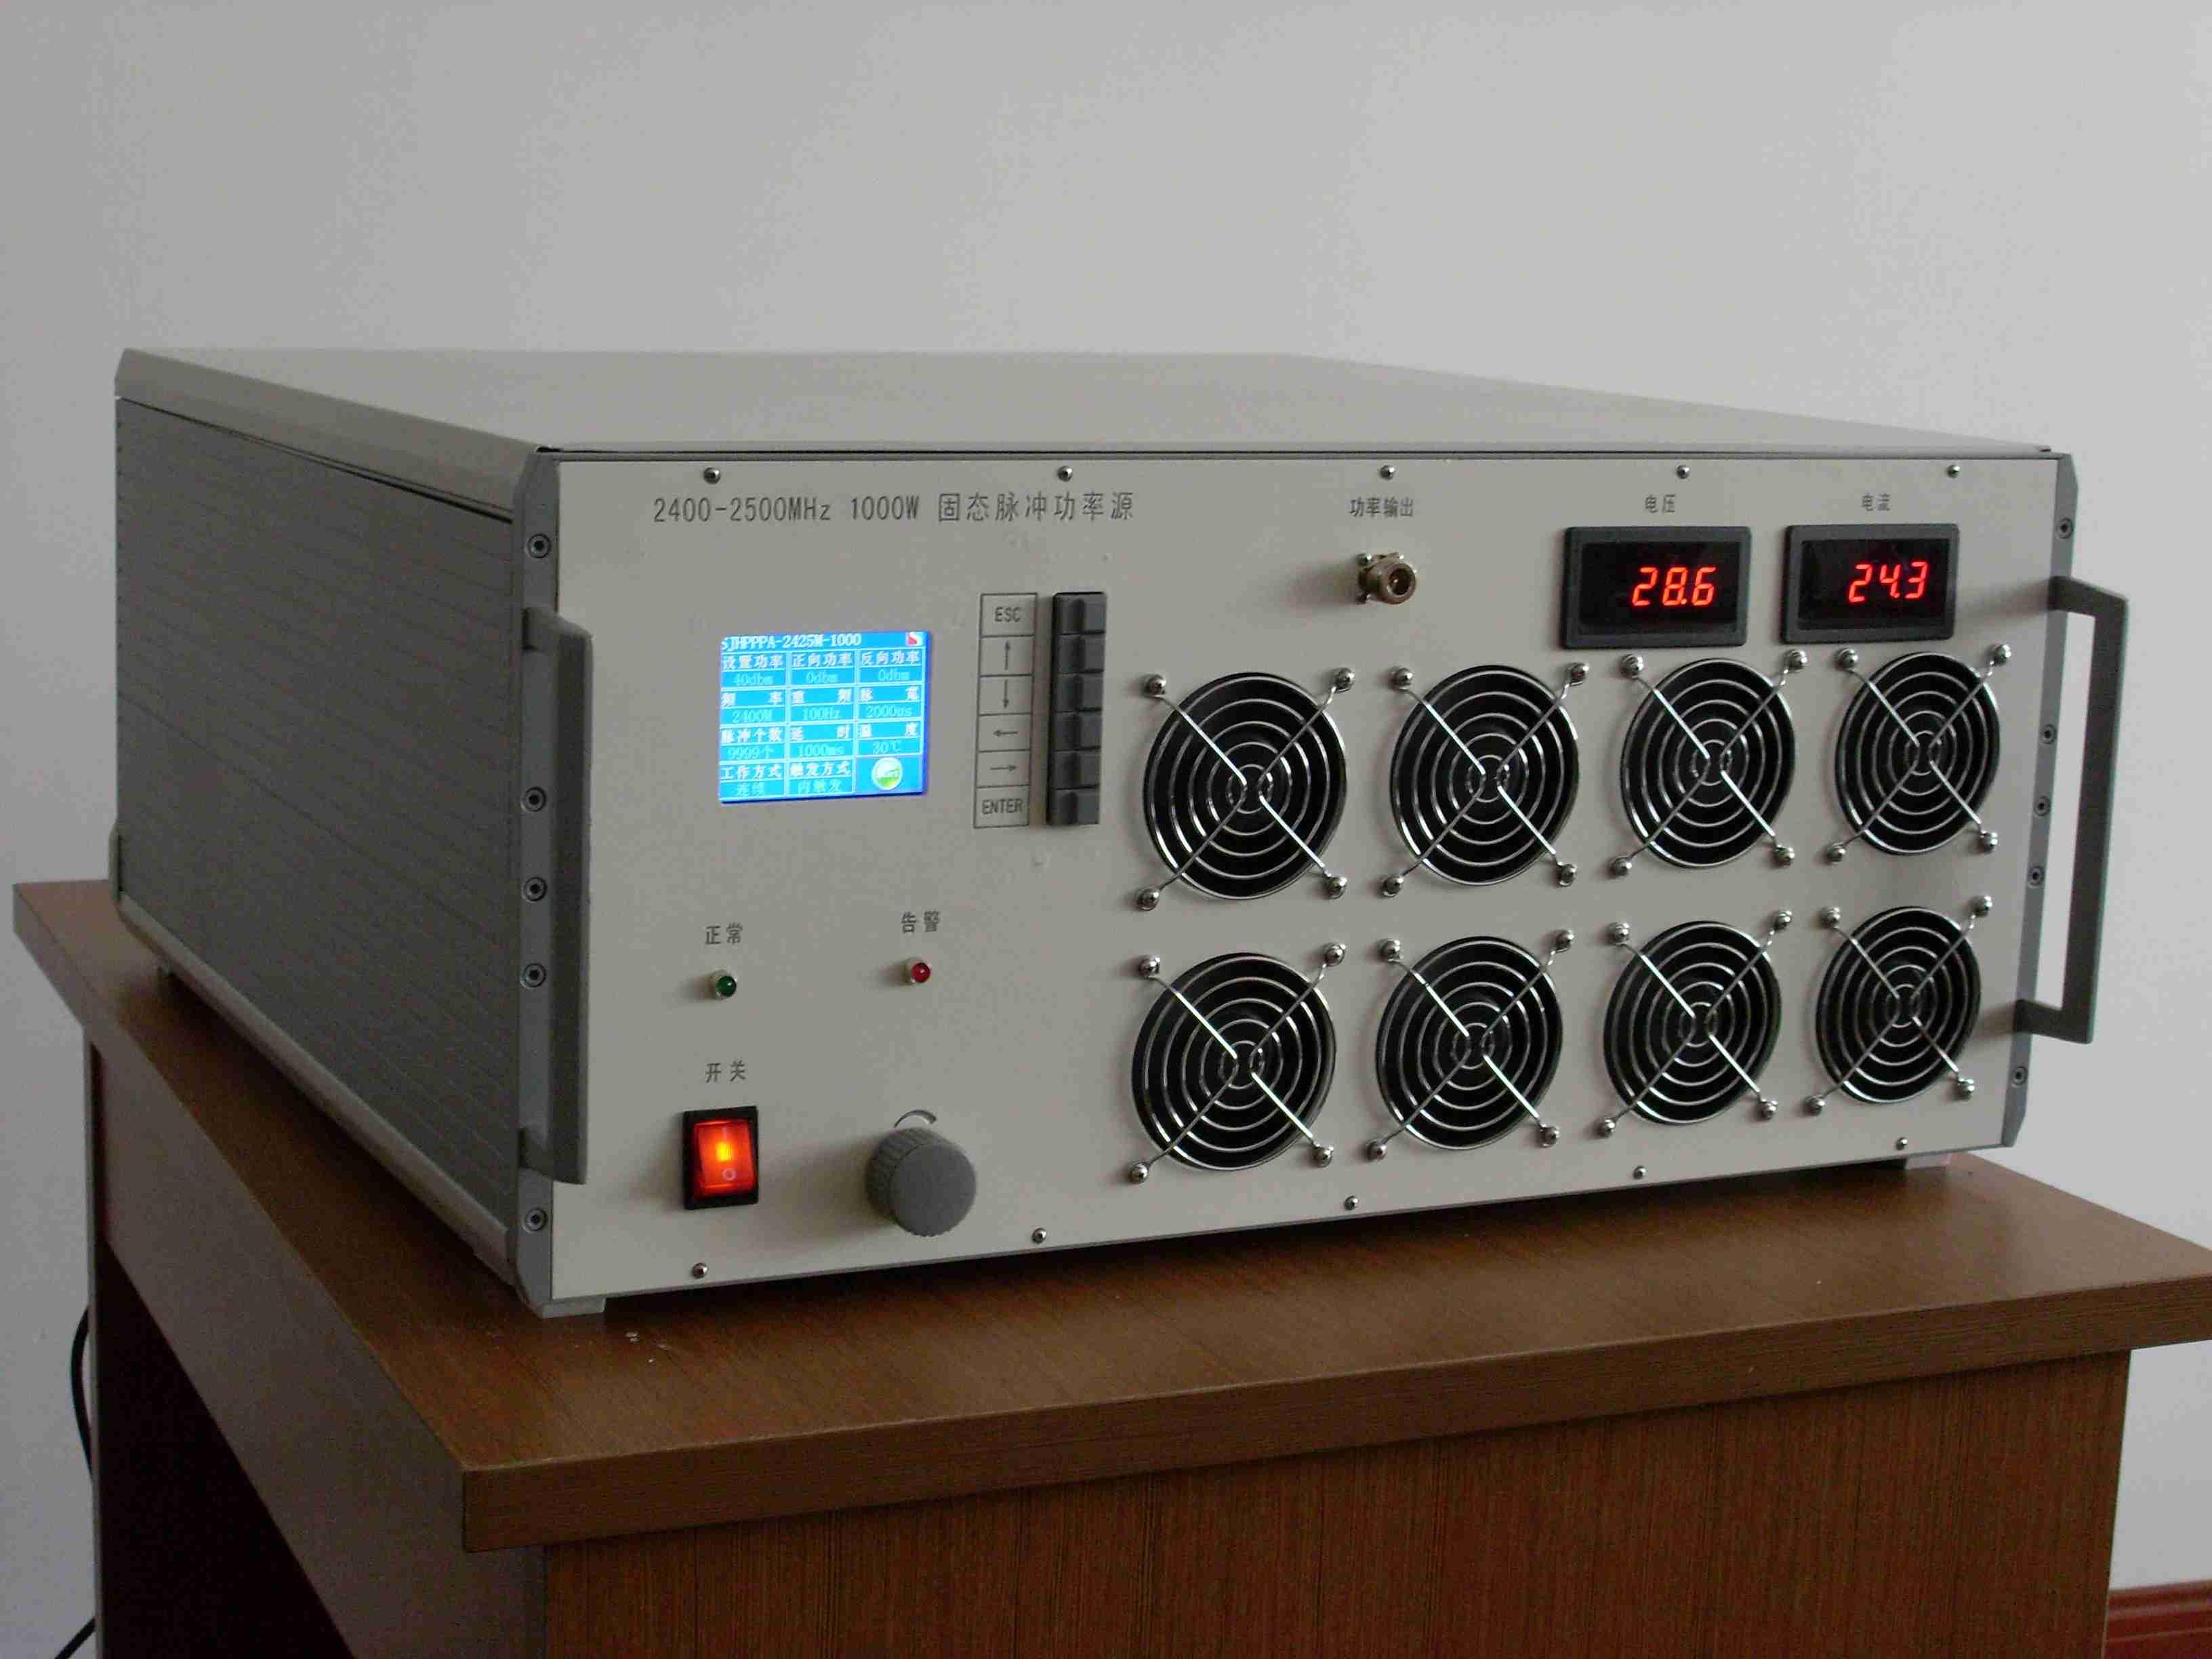 960-1215MHz 10KW 固态脉冲功率抓饭直播篮球直播